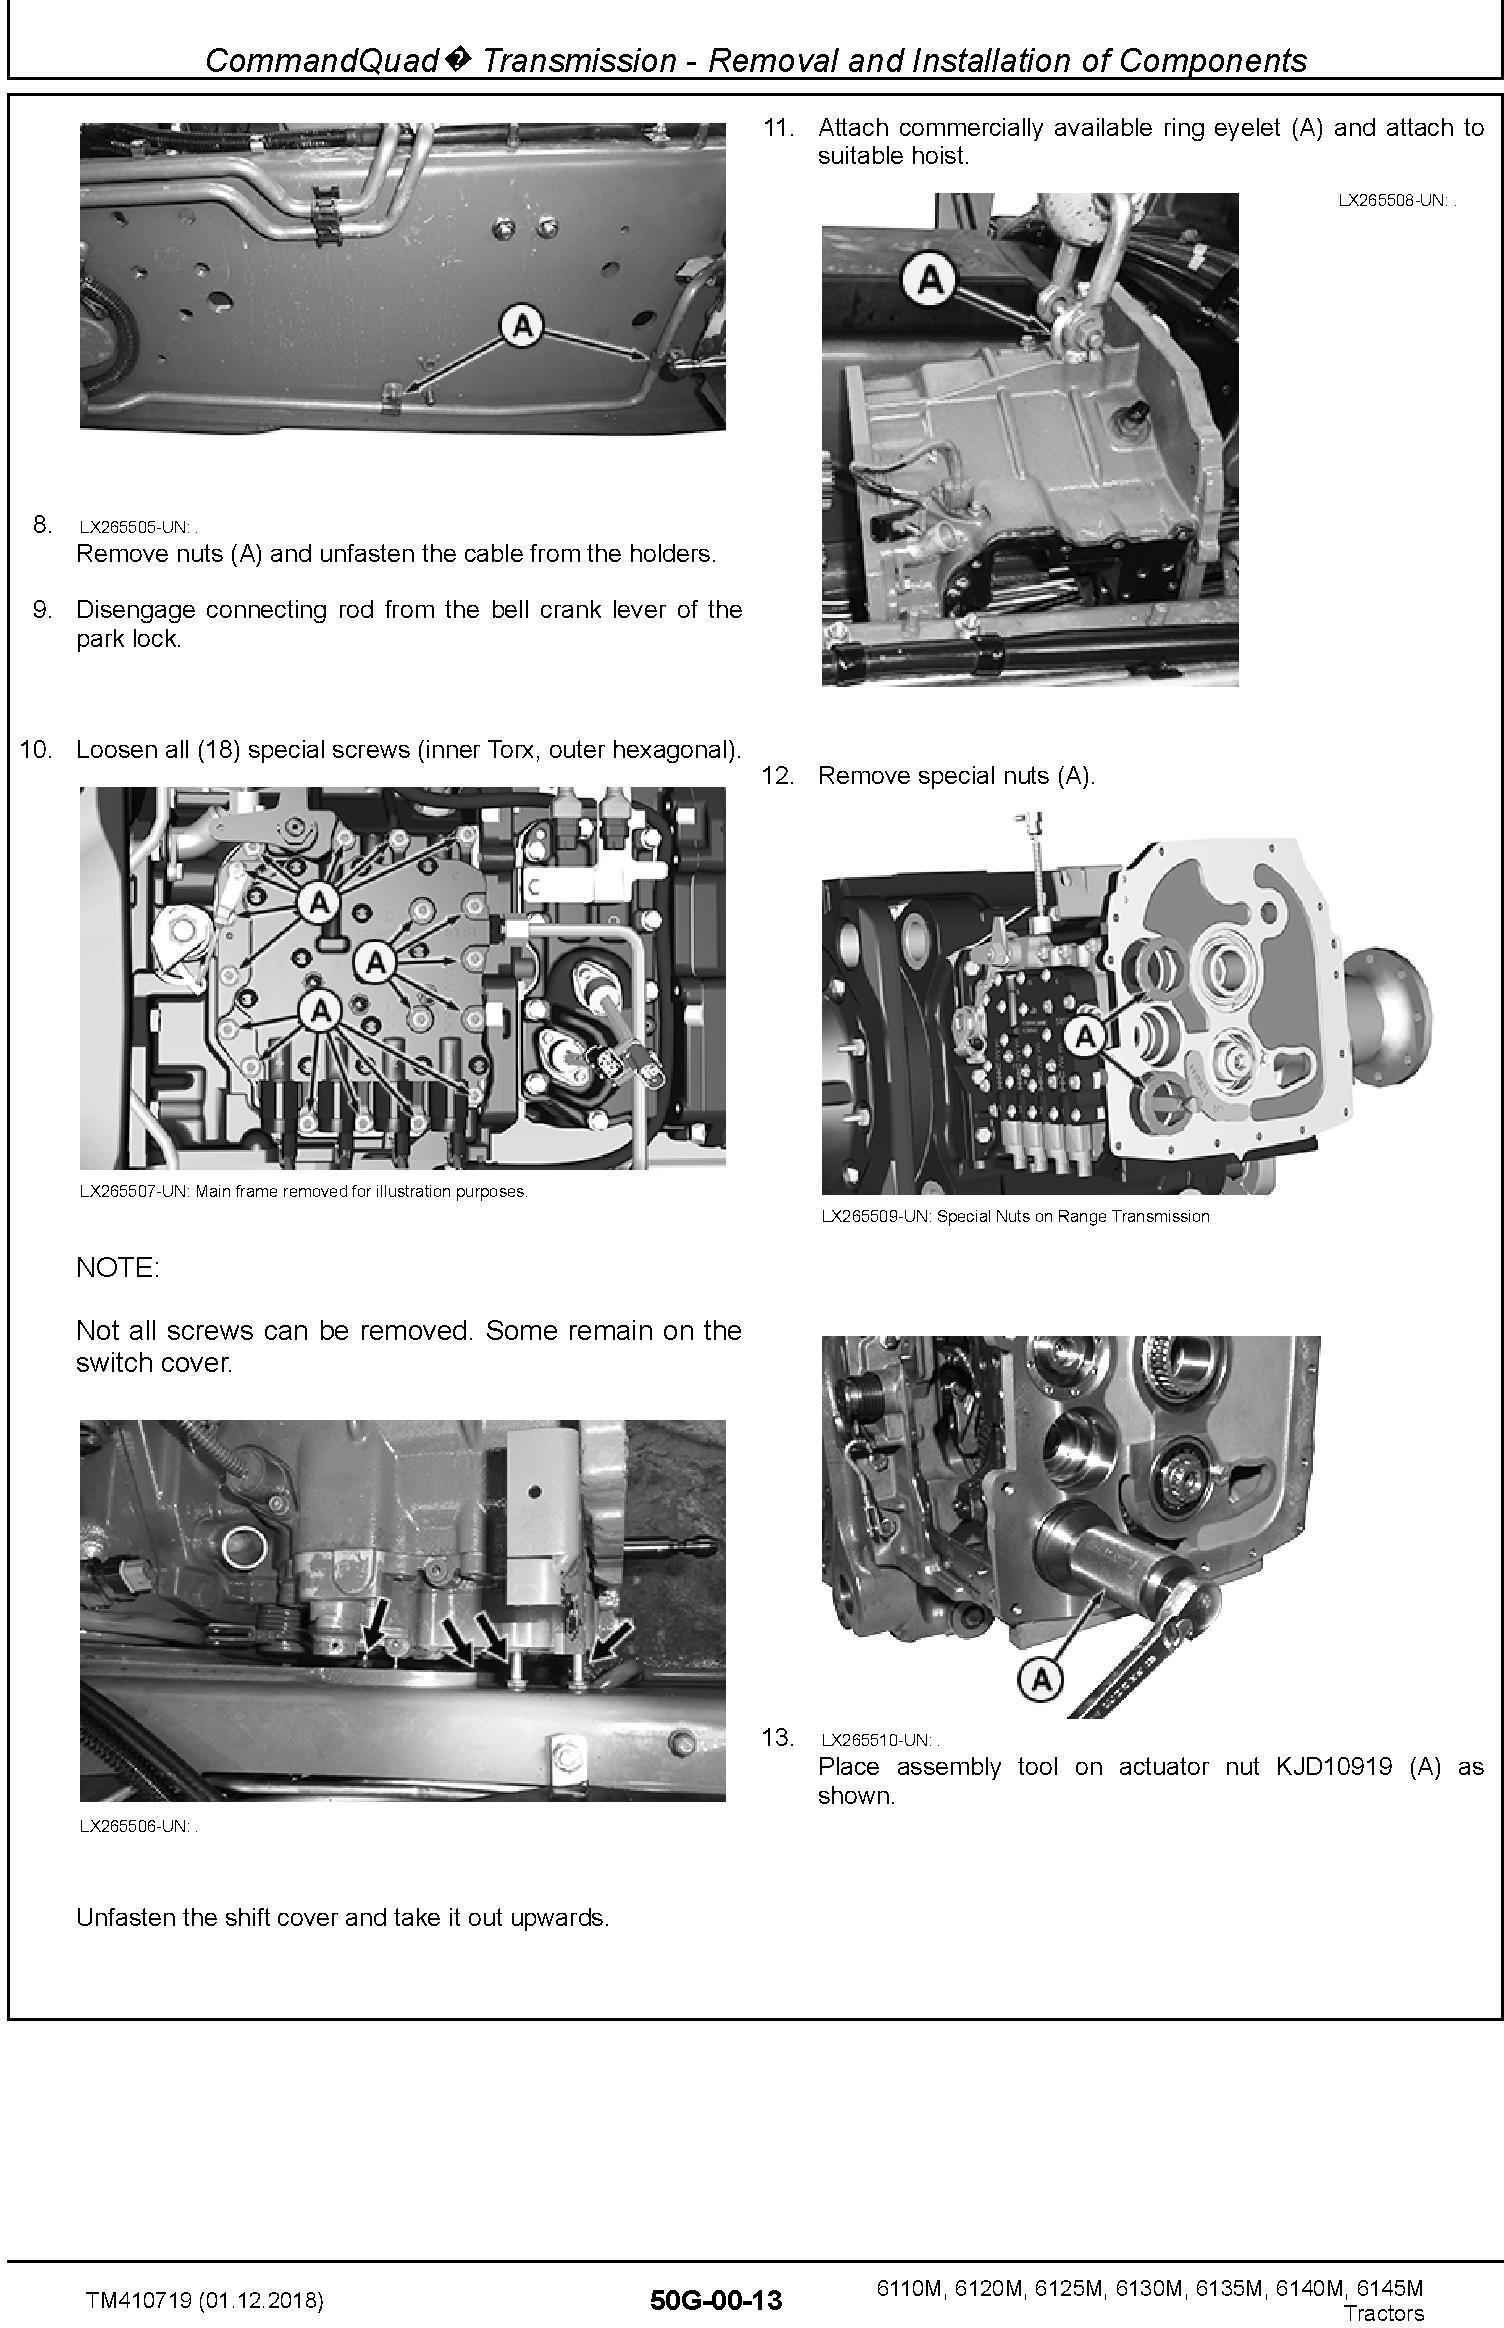 John Deere 6110M,6120M, 6125M, 6130M, 6135M, 6140M, 6145M Tractor Repair Technical Manual (TM410719) - 1